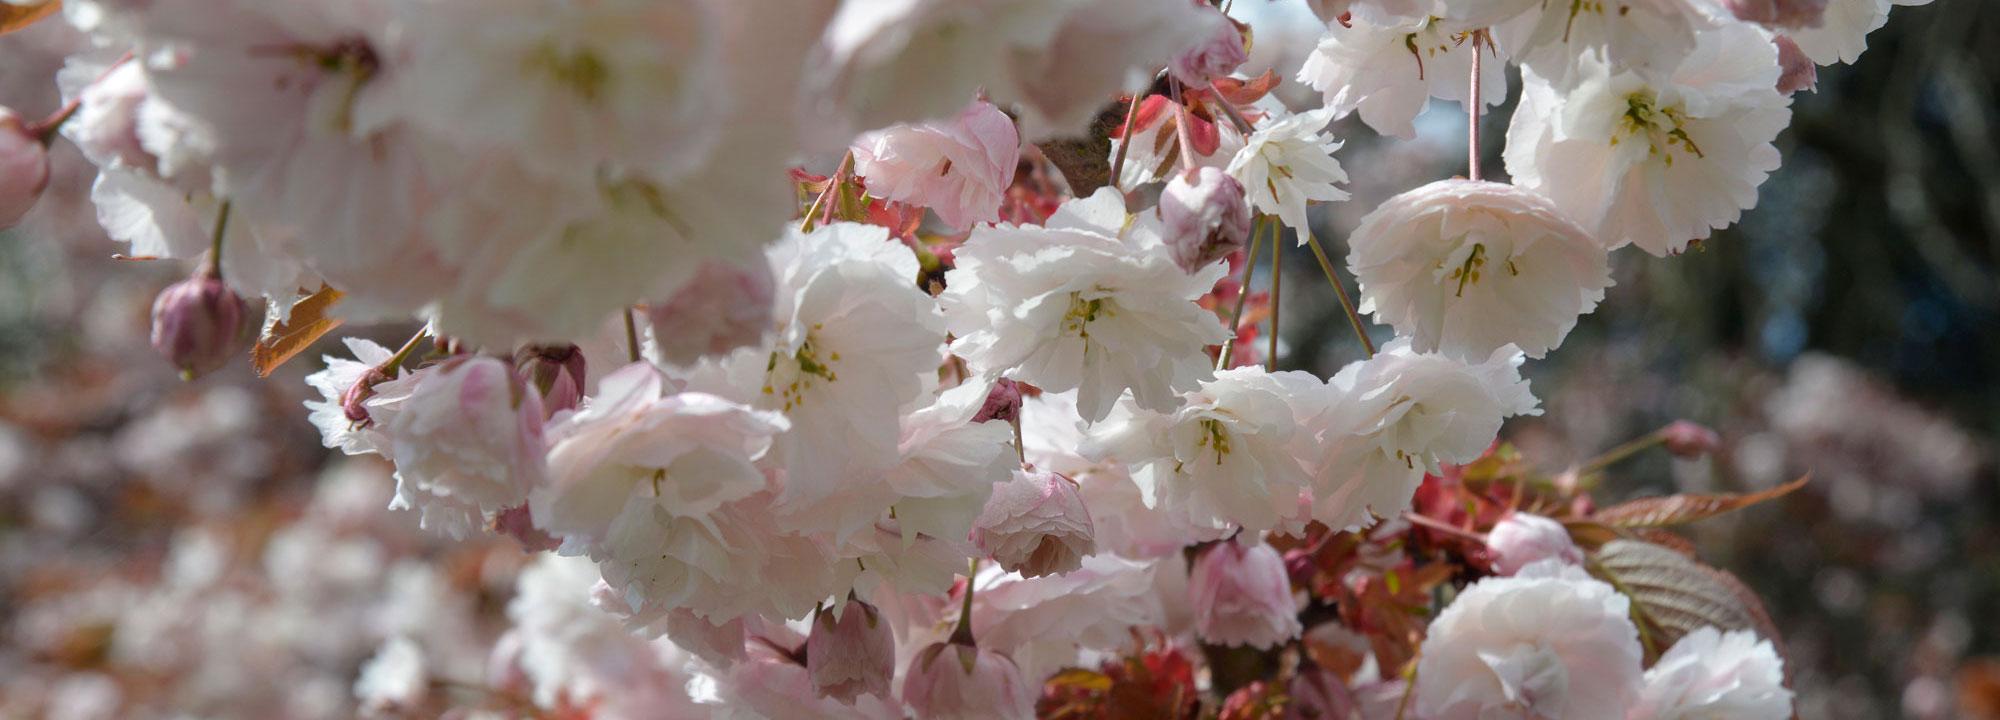 Floraison d'un cerisier japonais, Prunus 'Shirofugen', en avril © MNHN - S. Gerbault